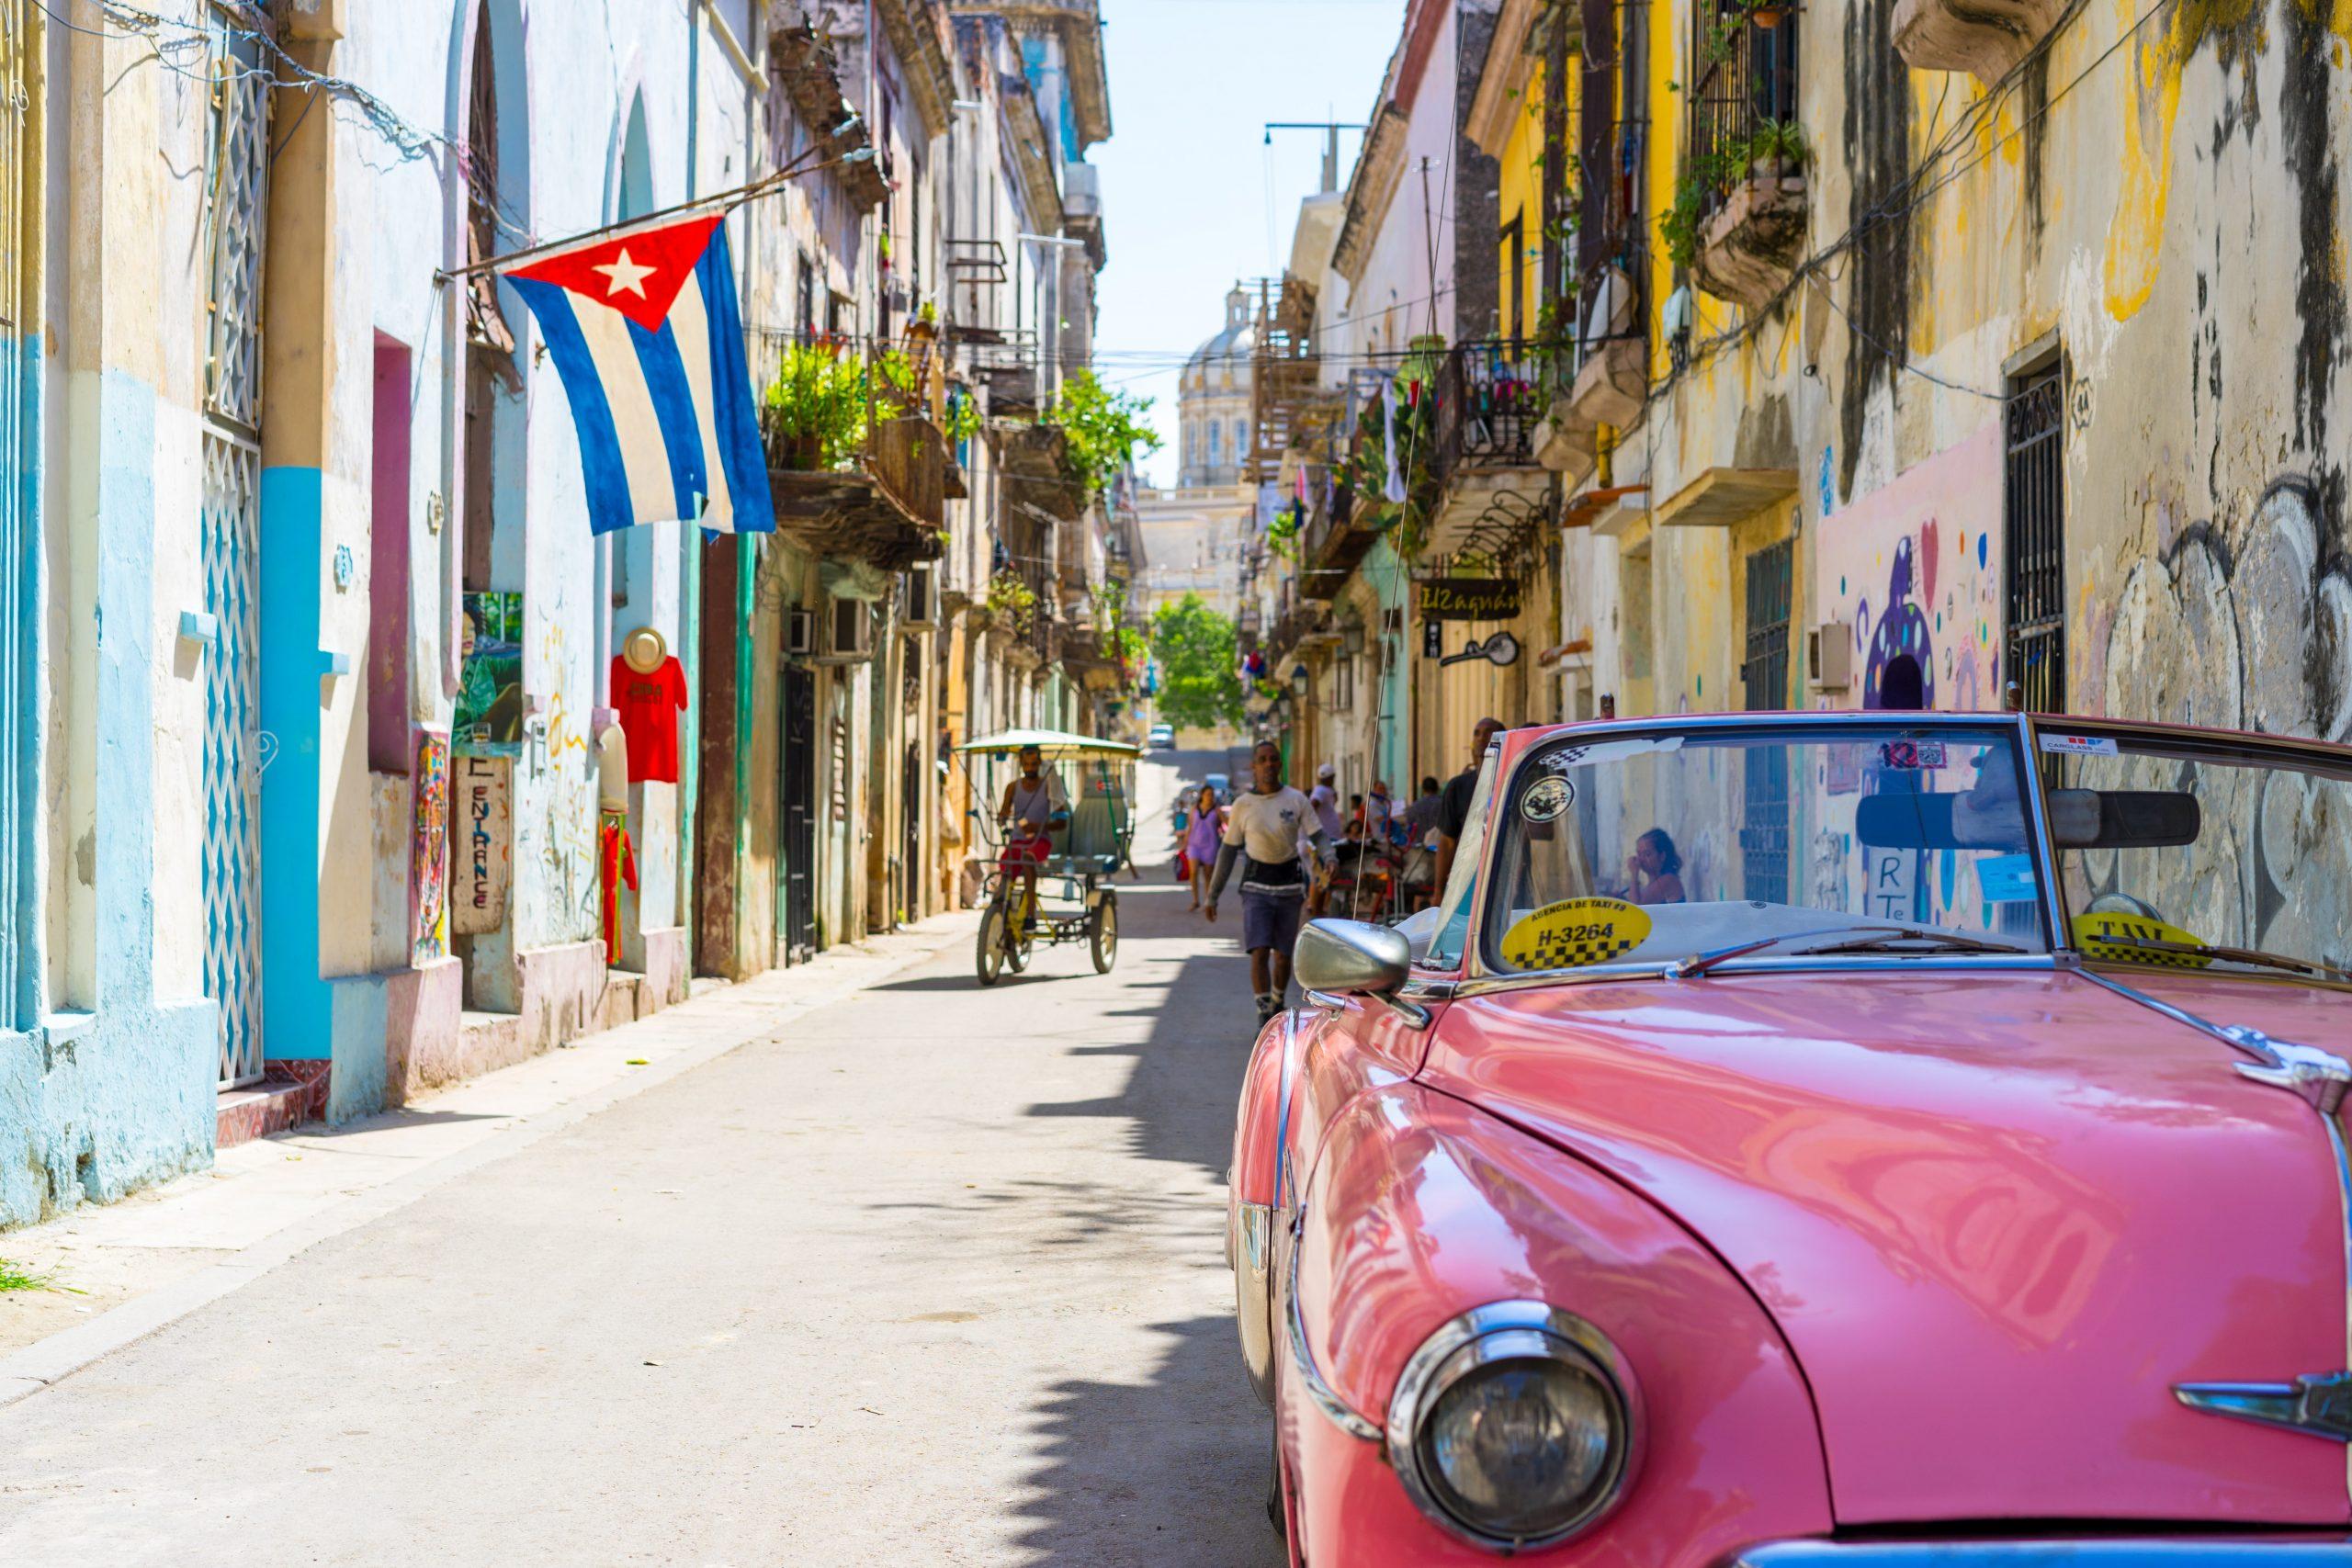 Kleurige smalle straatjes in Havana, Cuba